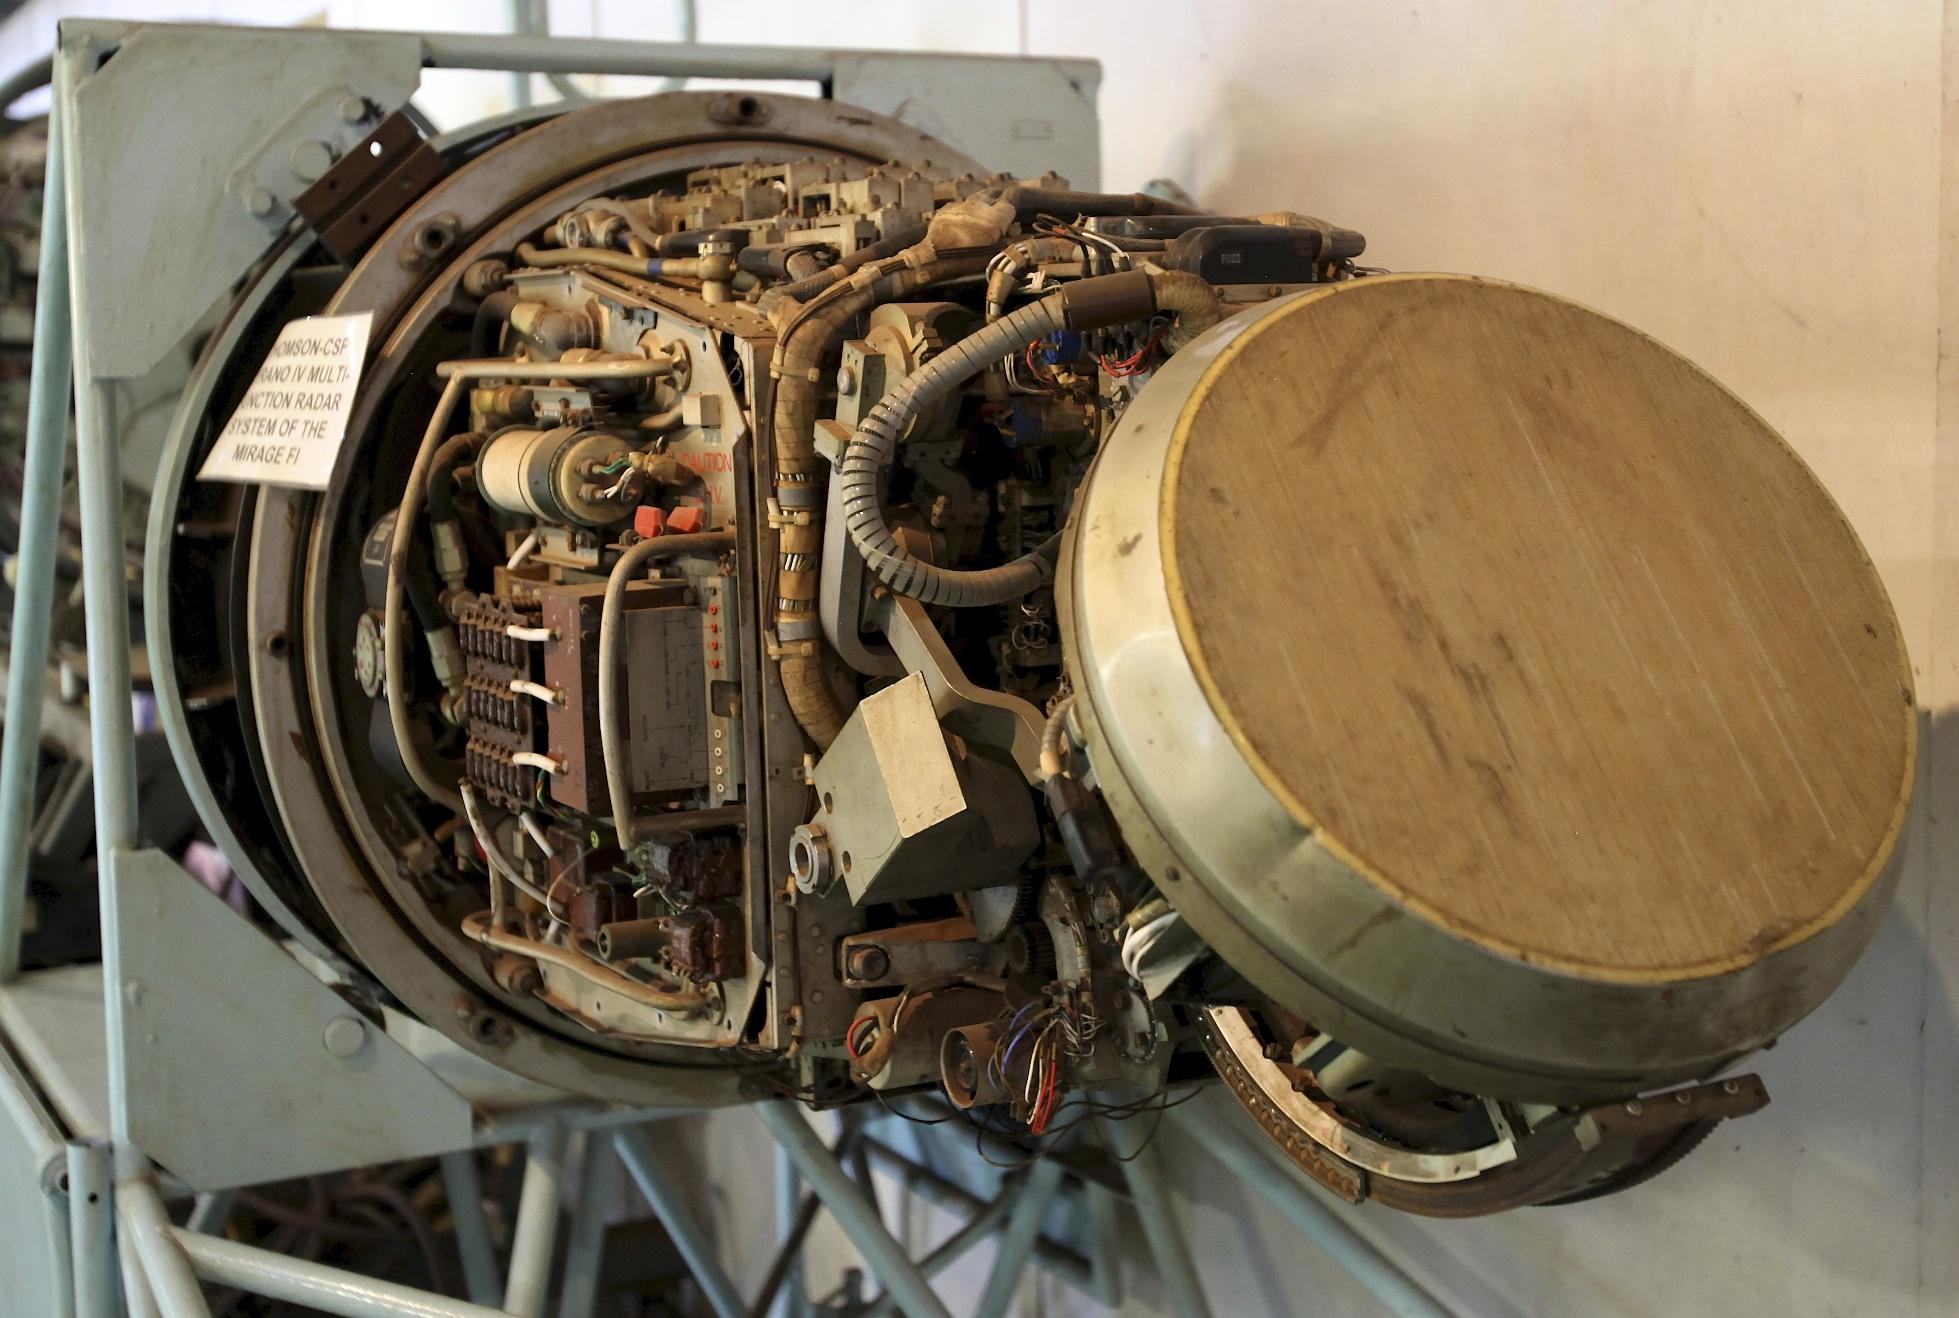 Conociendo al Kfir, Nuevo Avion de la Fuerza Aerea Argentina